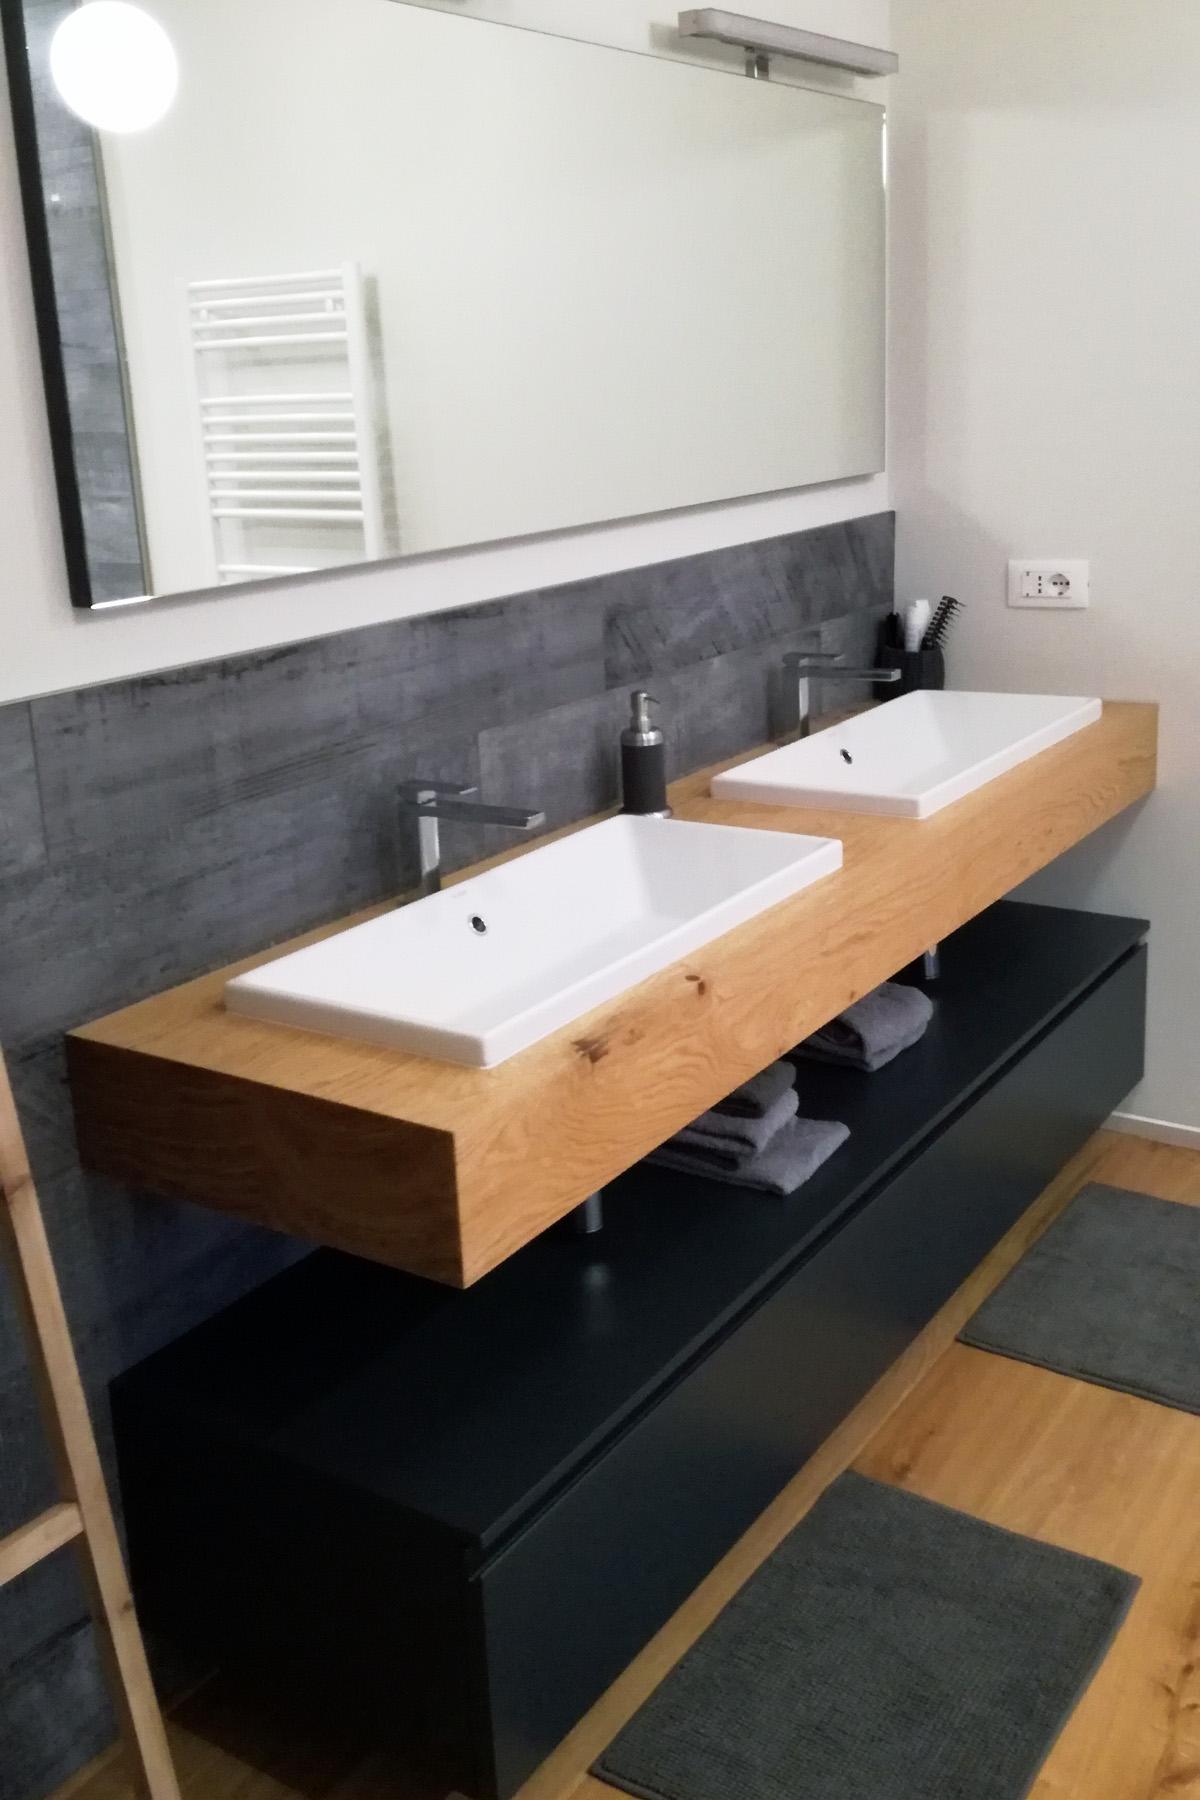 Mobile bagno con mensola in legno doppio lavabo arredamenti barin - Mobile bagno con doppio lavabo ...